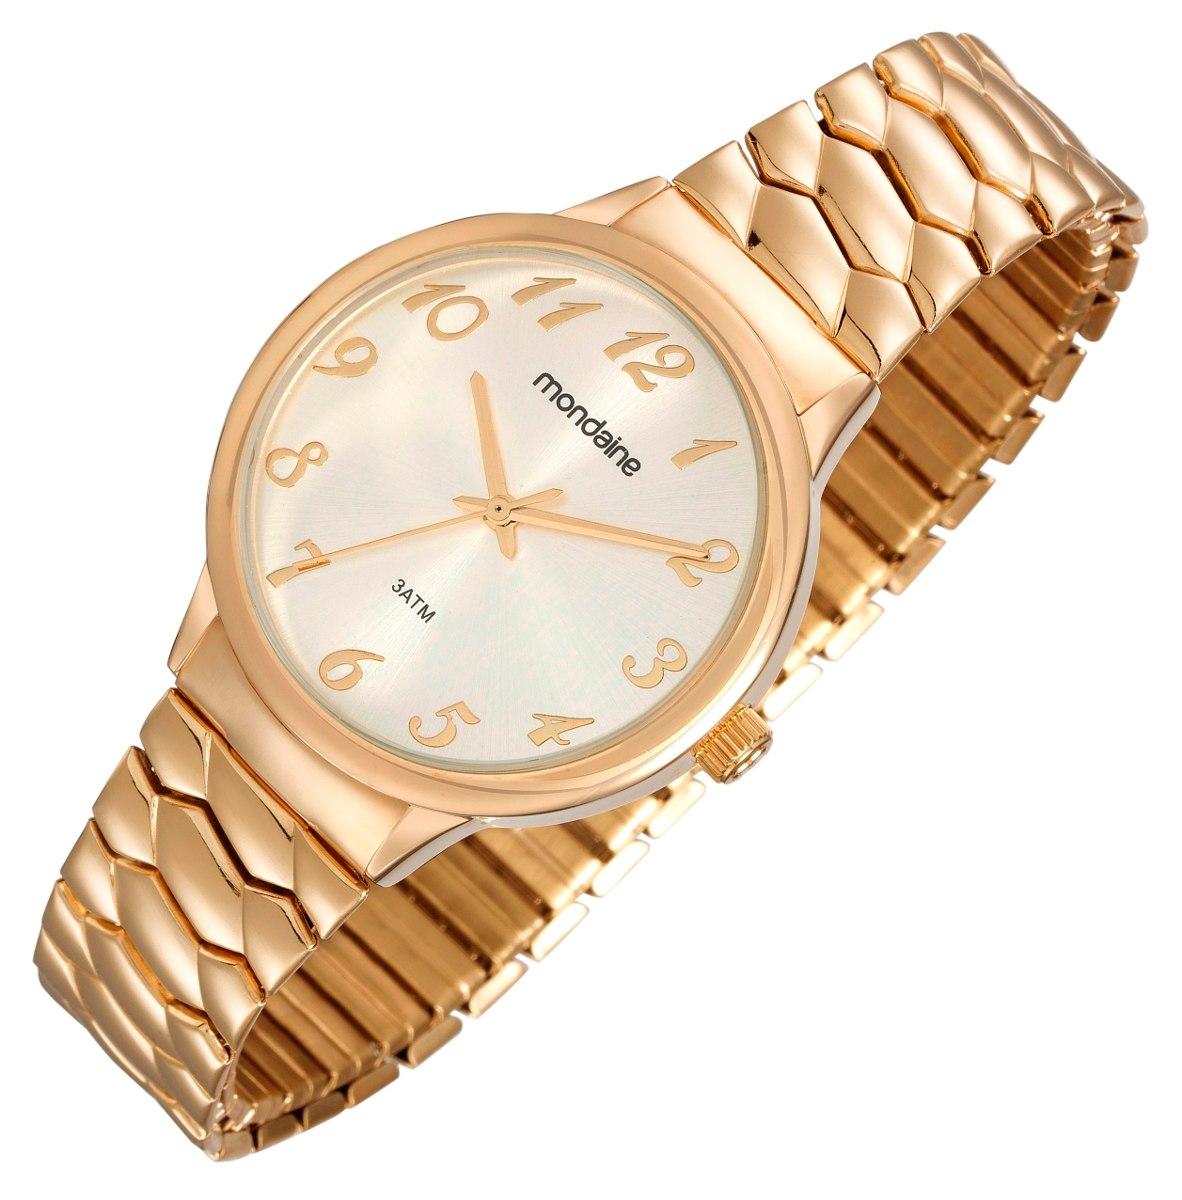 76fd7868c67 relógio mondaine feminino clássico dourado 83313lpmgde2. Carregando zoom.